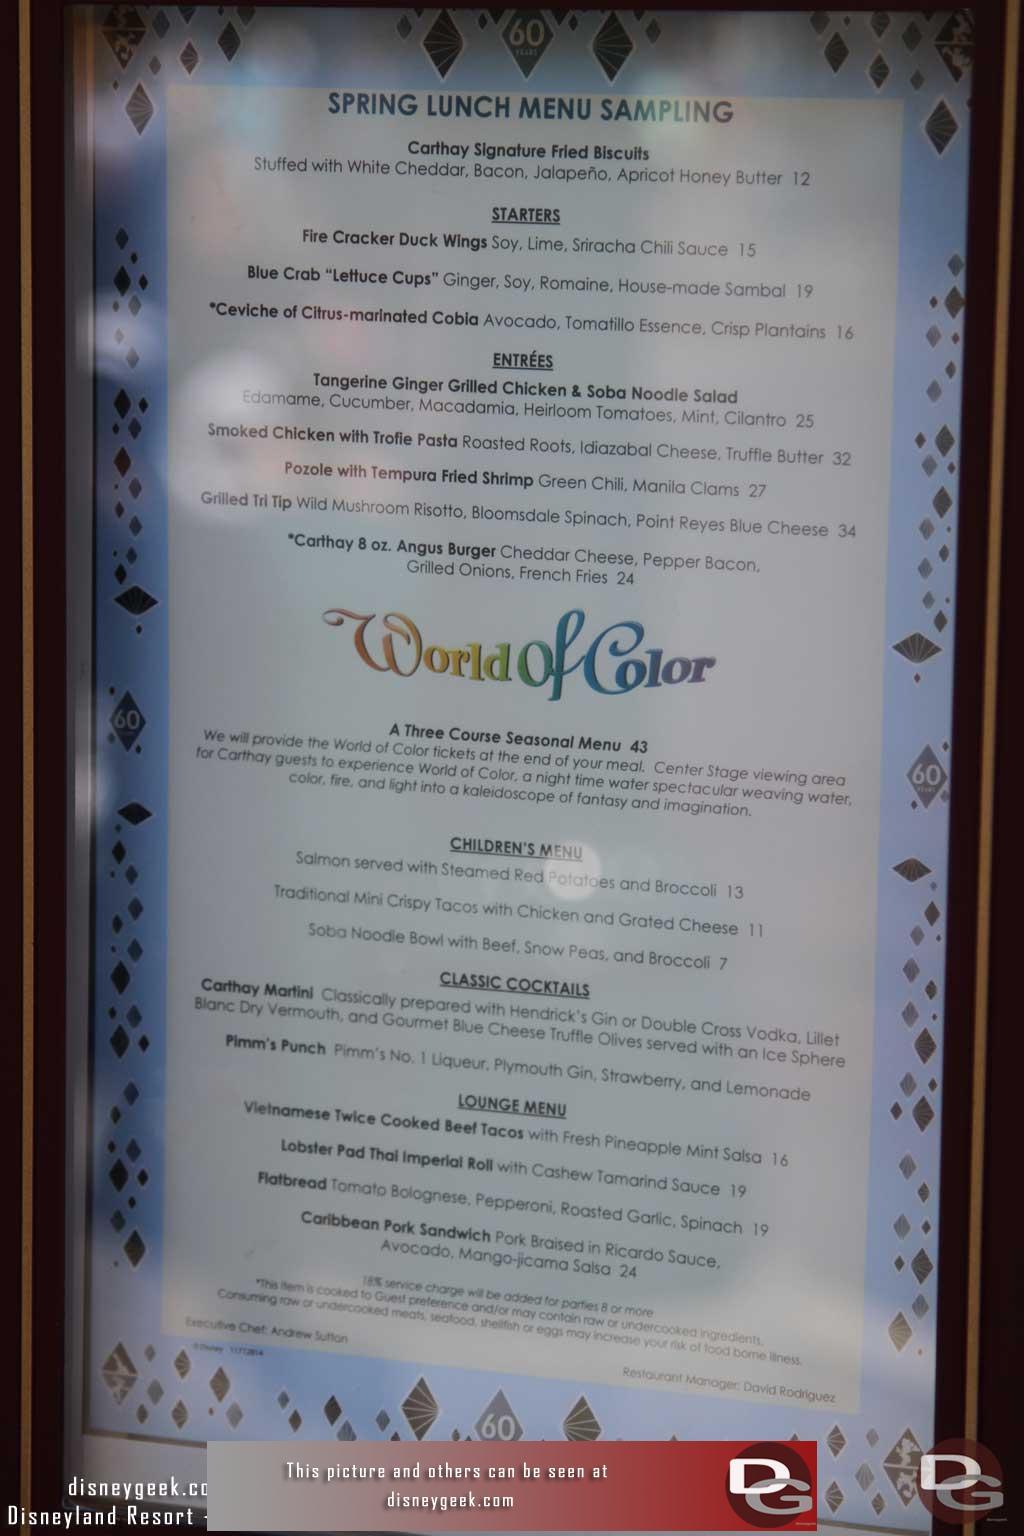 Disneygeek - Disneyland Resort Guide - Dining - Carthay ... Fish Tacos